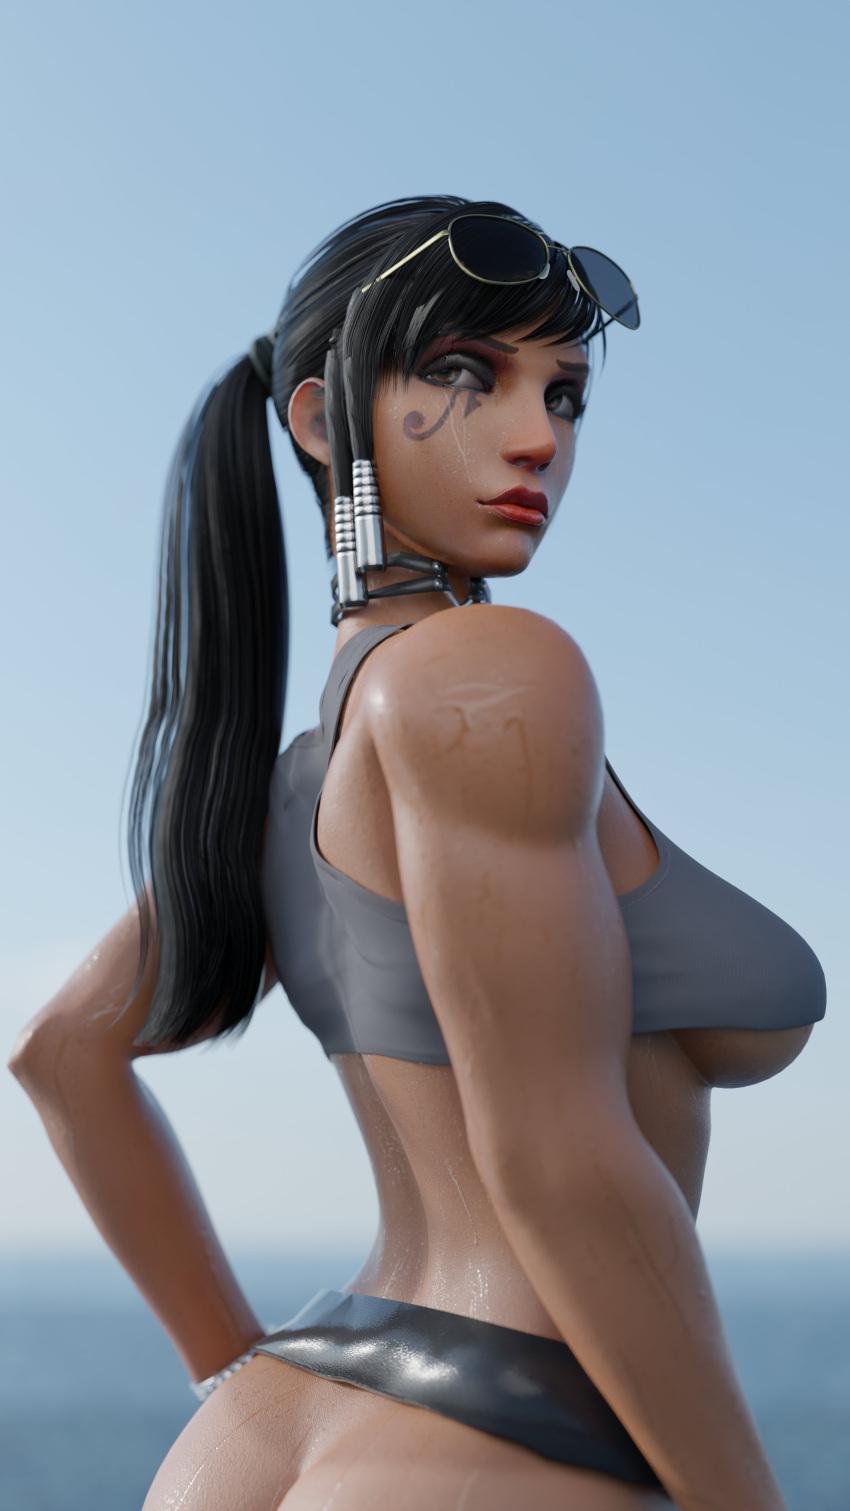 overwatch-rulern-–-skirt,-presenting,-females-only,-dark-skinned-female,-creamtau,-pharah.